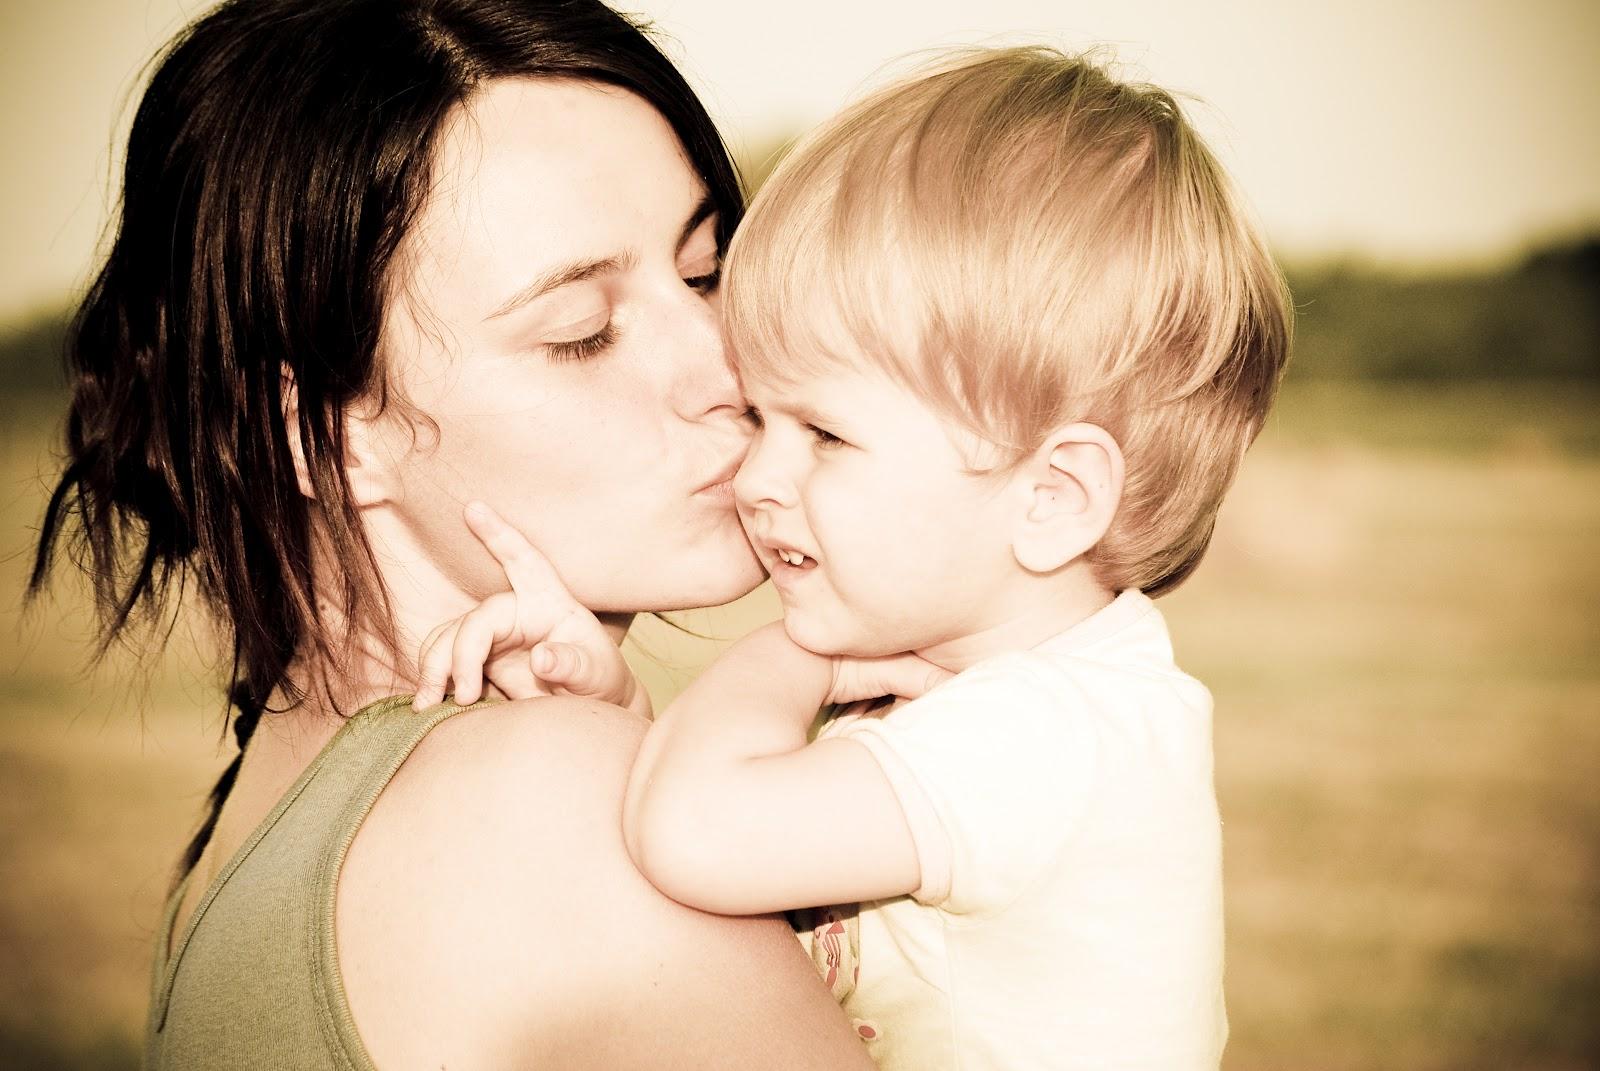 Estudo diz que a criança herda inteligência da mãe